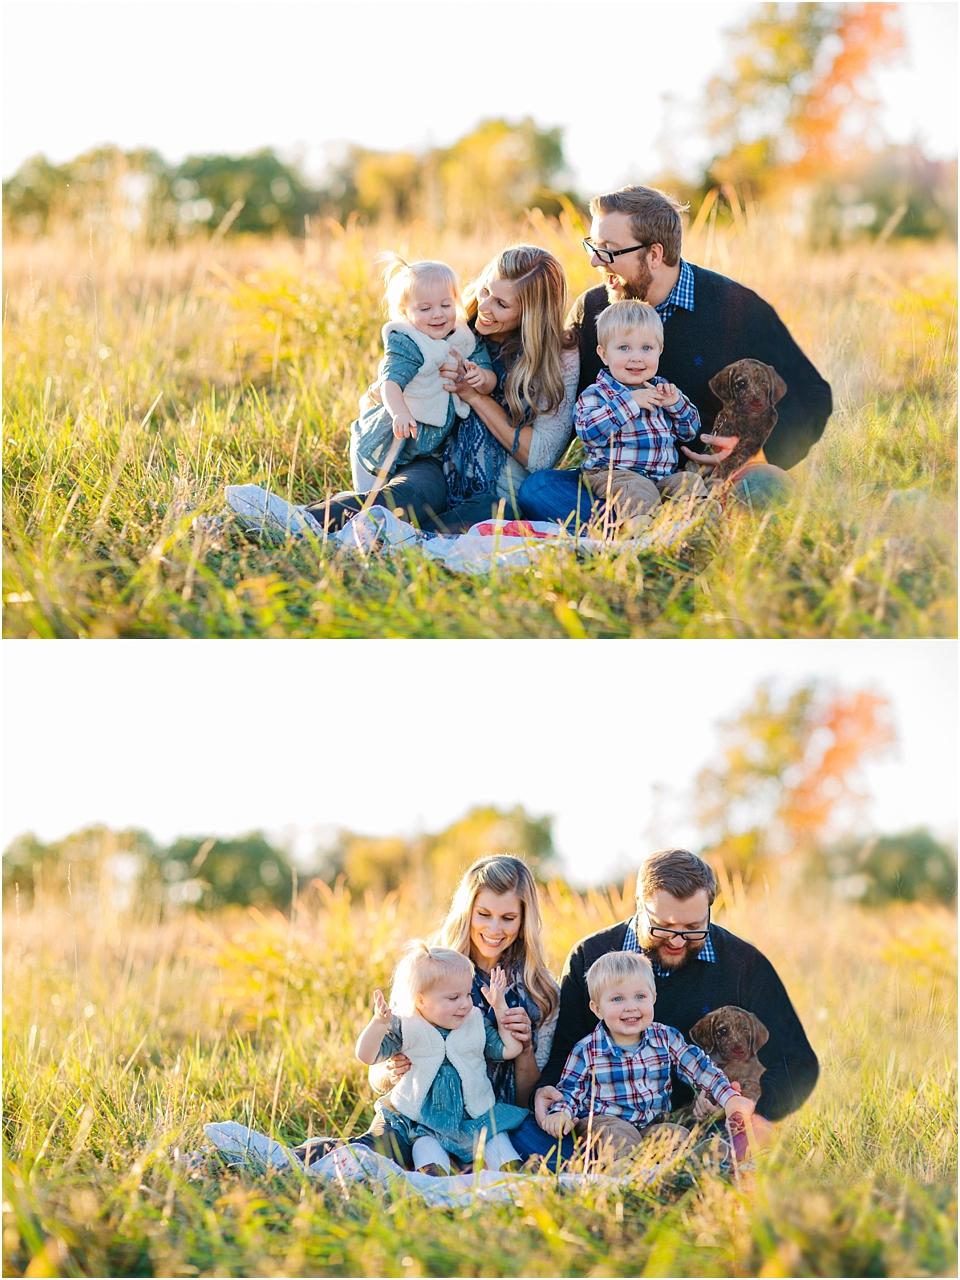 kansascitybestfamilyphotographer_0121